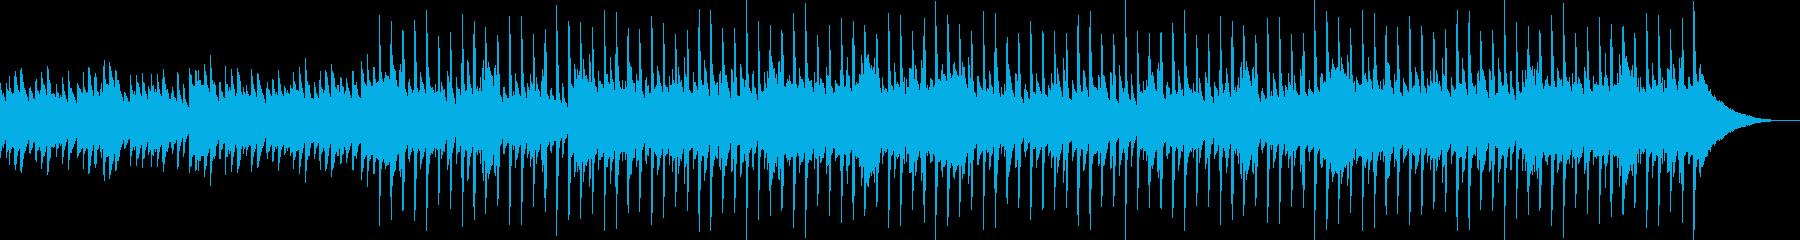 企業VP系56、爽やか、ピアノ4つ打ちaの再生済みの波形